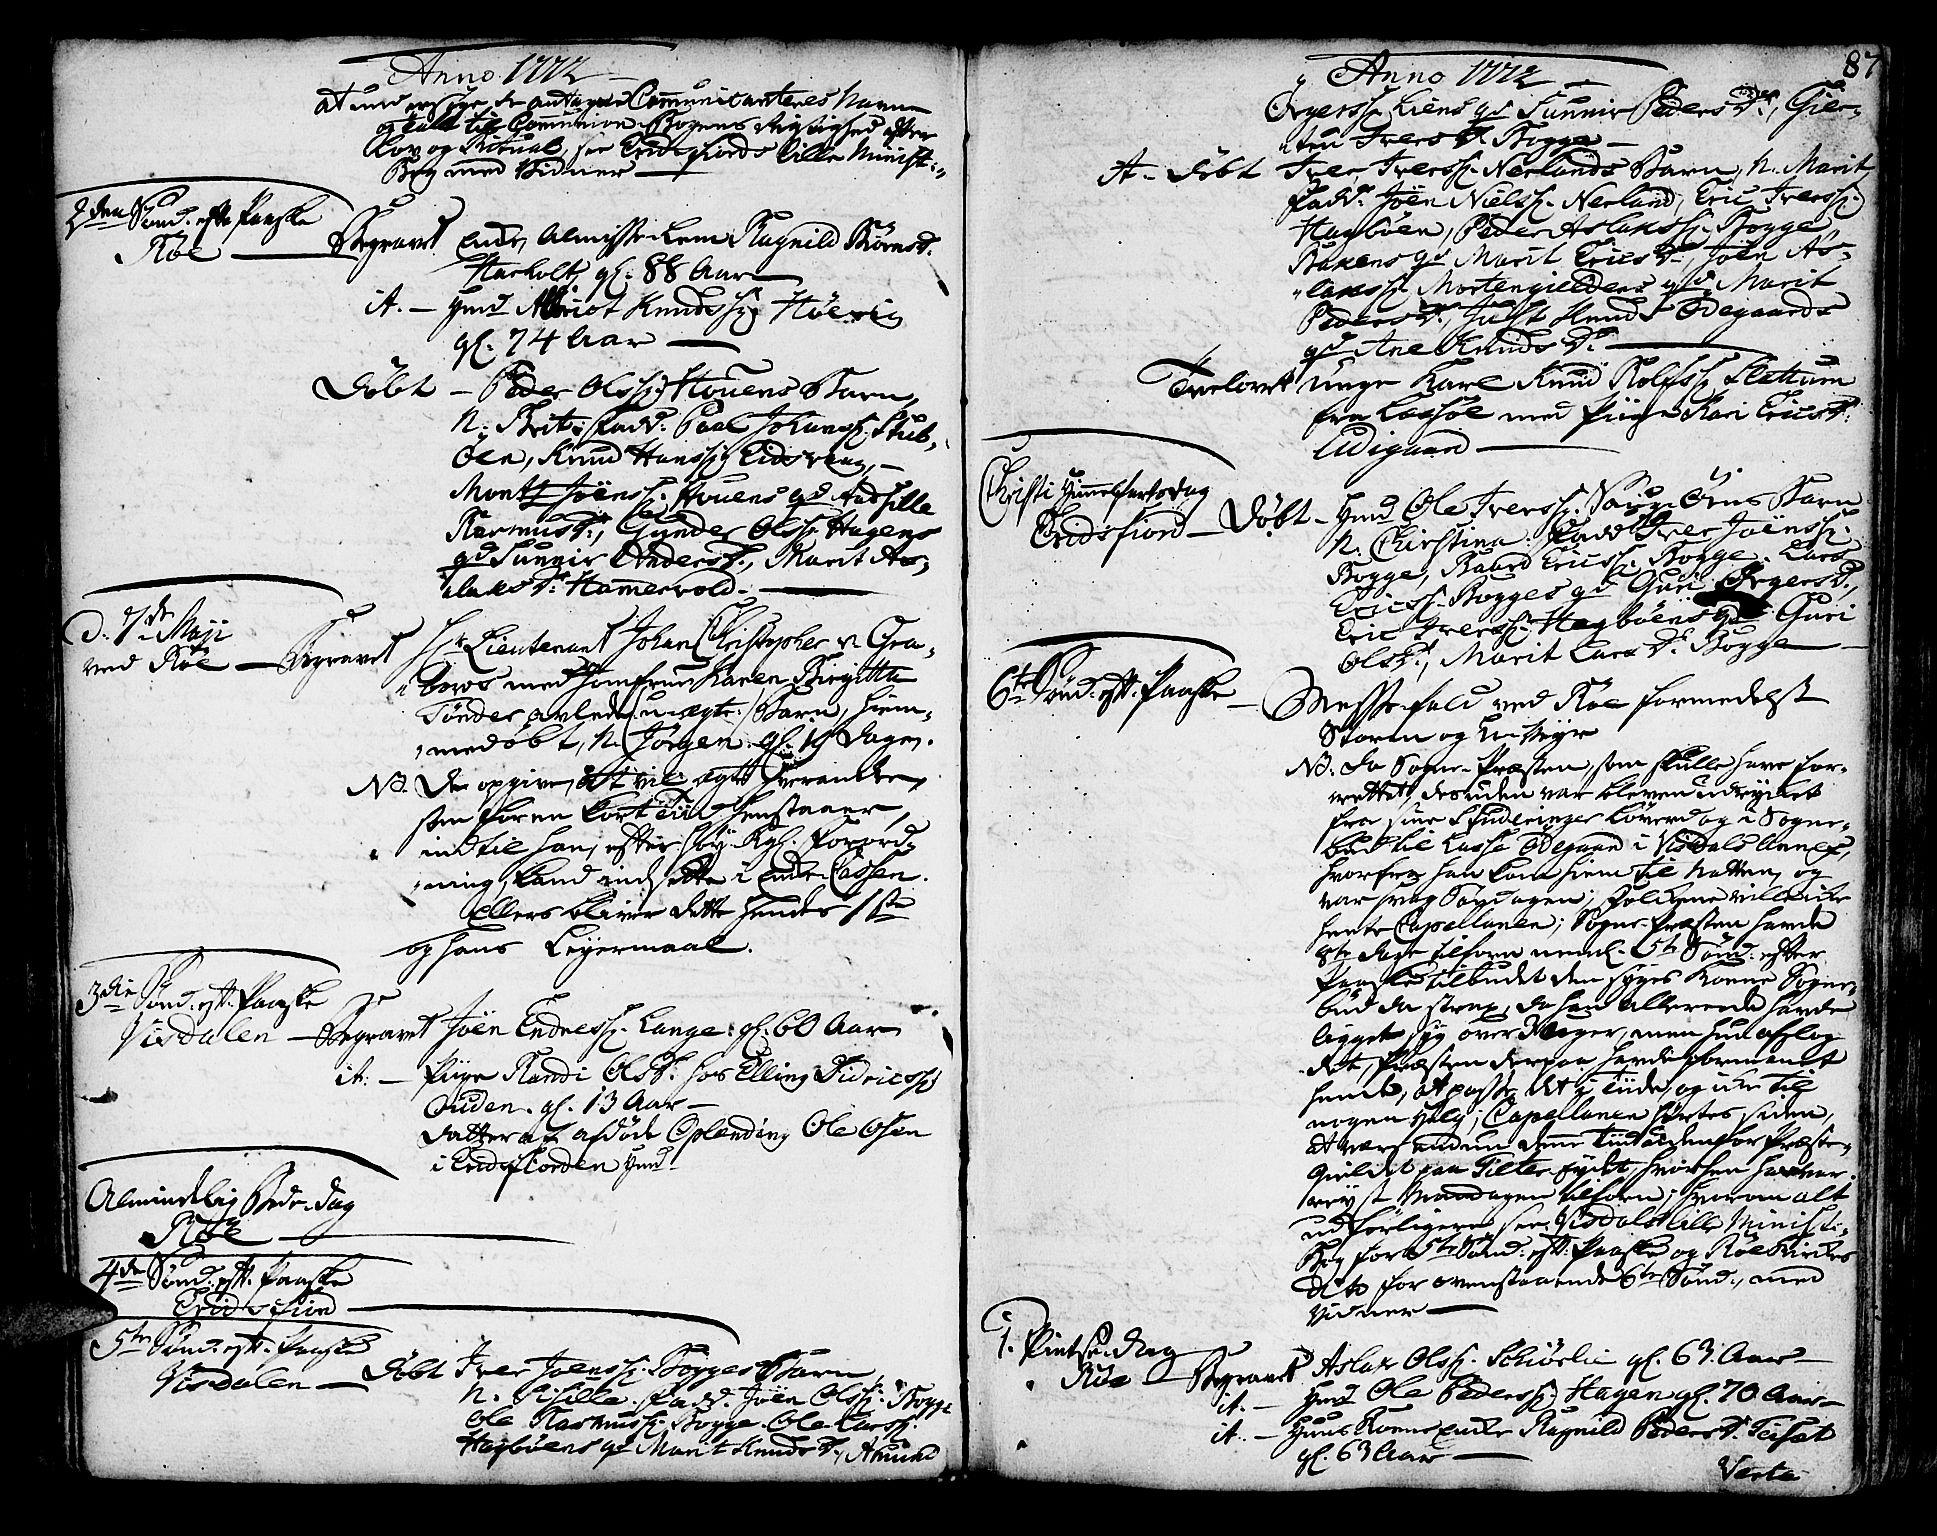 SAT, Ministerialprotokoller, klokkerbøker og fødselsregistre - Møre og Romsdal, 551/L0621: Ministerialbok nr. 551A01, 1757-1803, s. 87